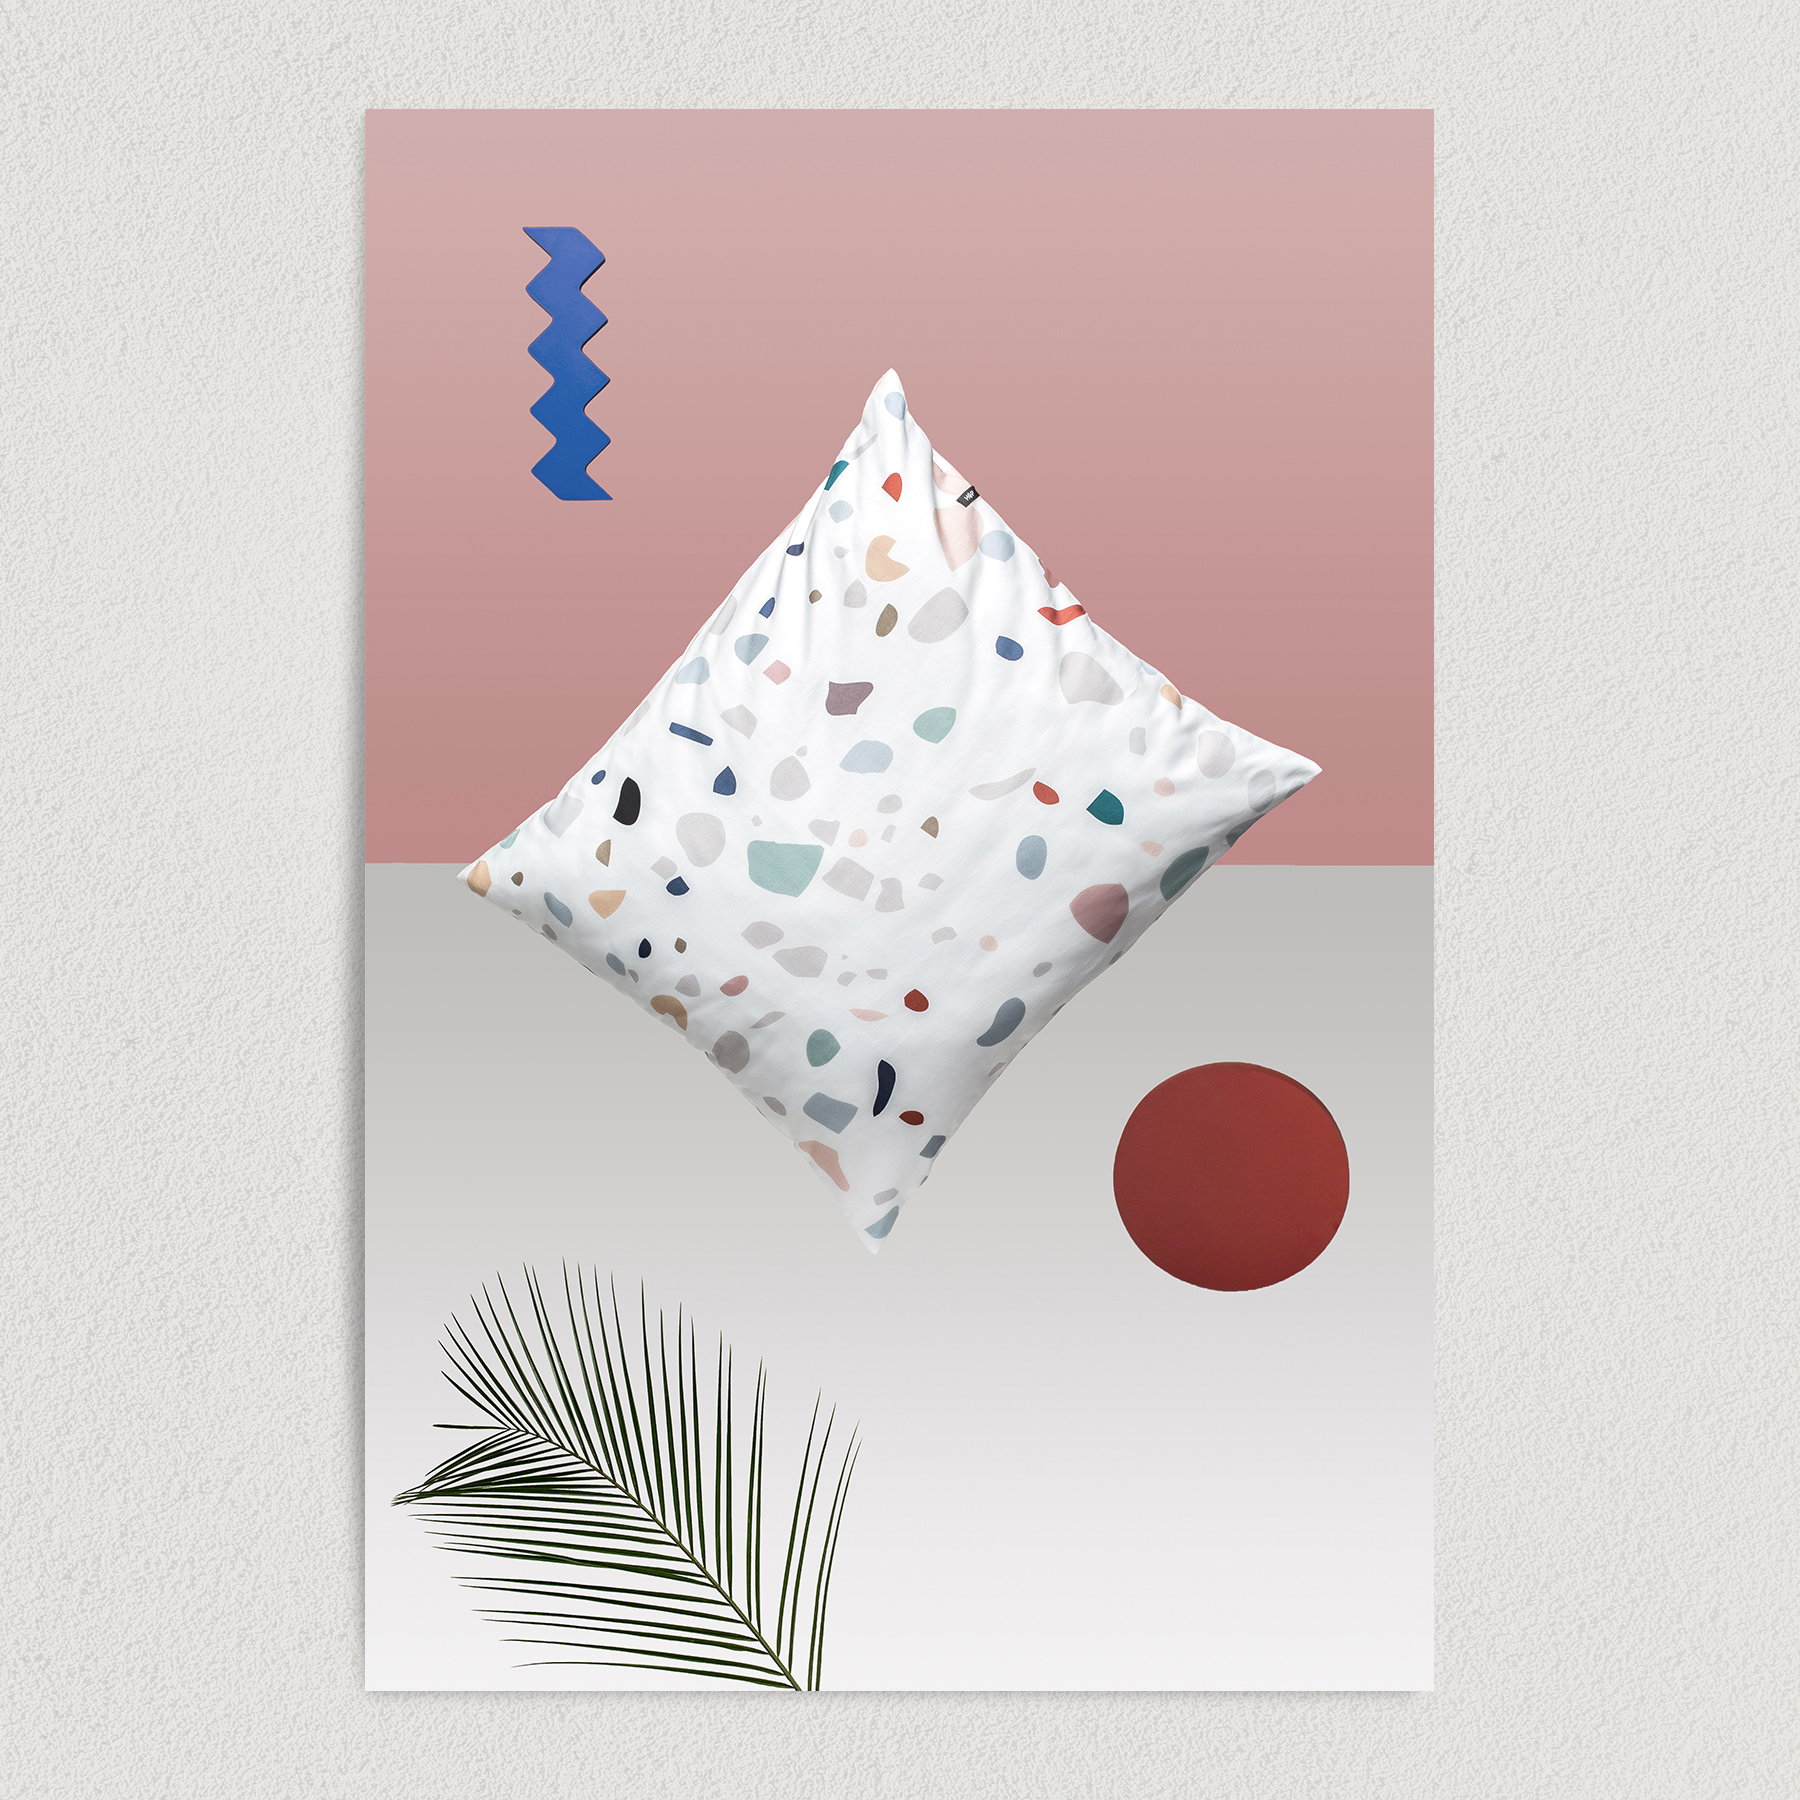 Abstract Pillow Art Print Poster 12″ x 18″ Wall Art A1009